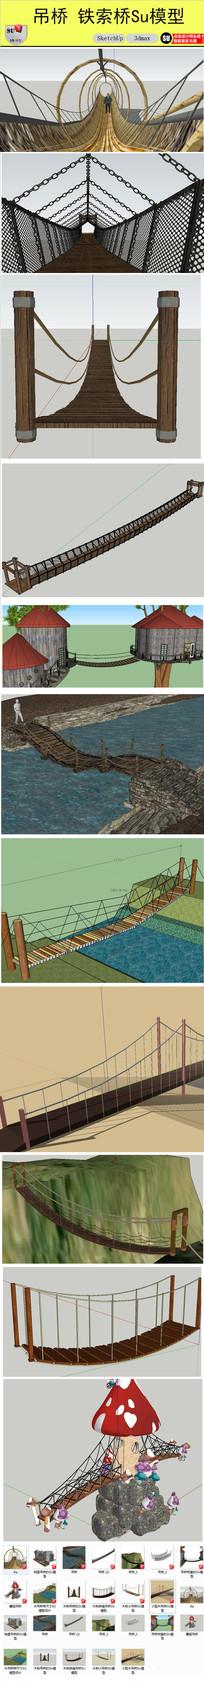 吊桥绳索桥木桥浮桥SU模型